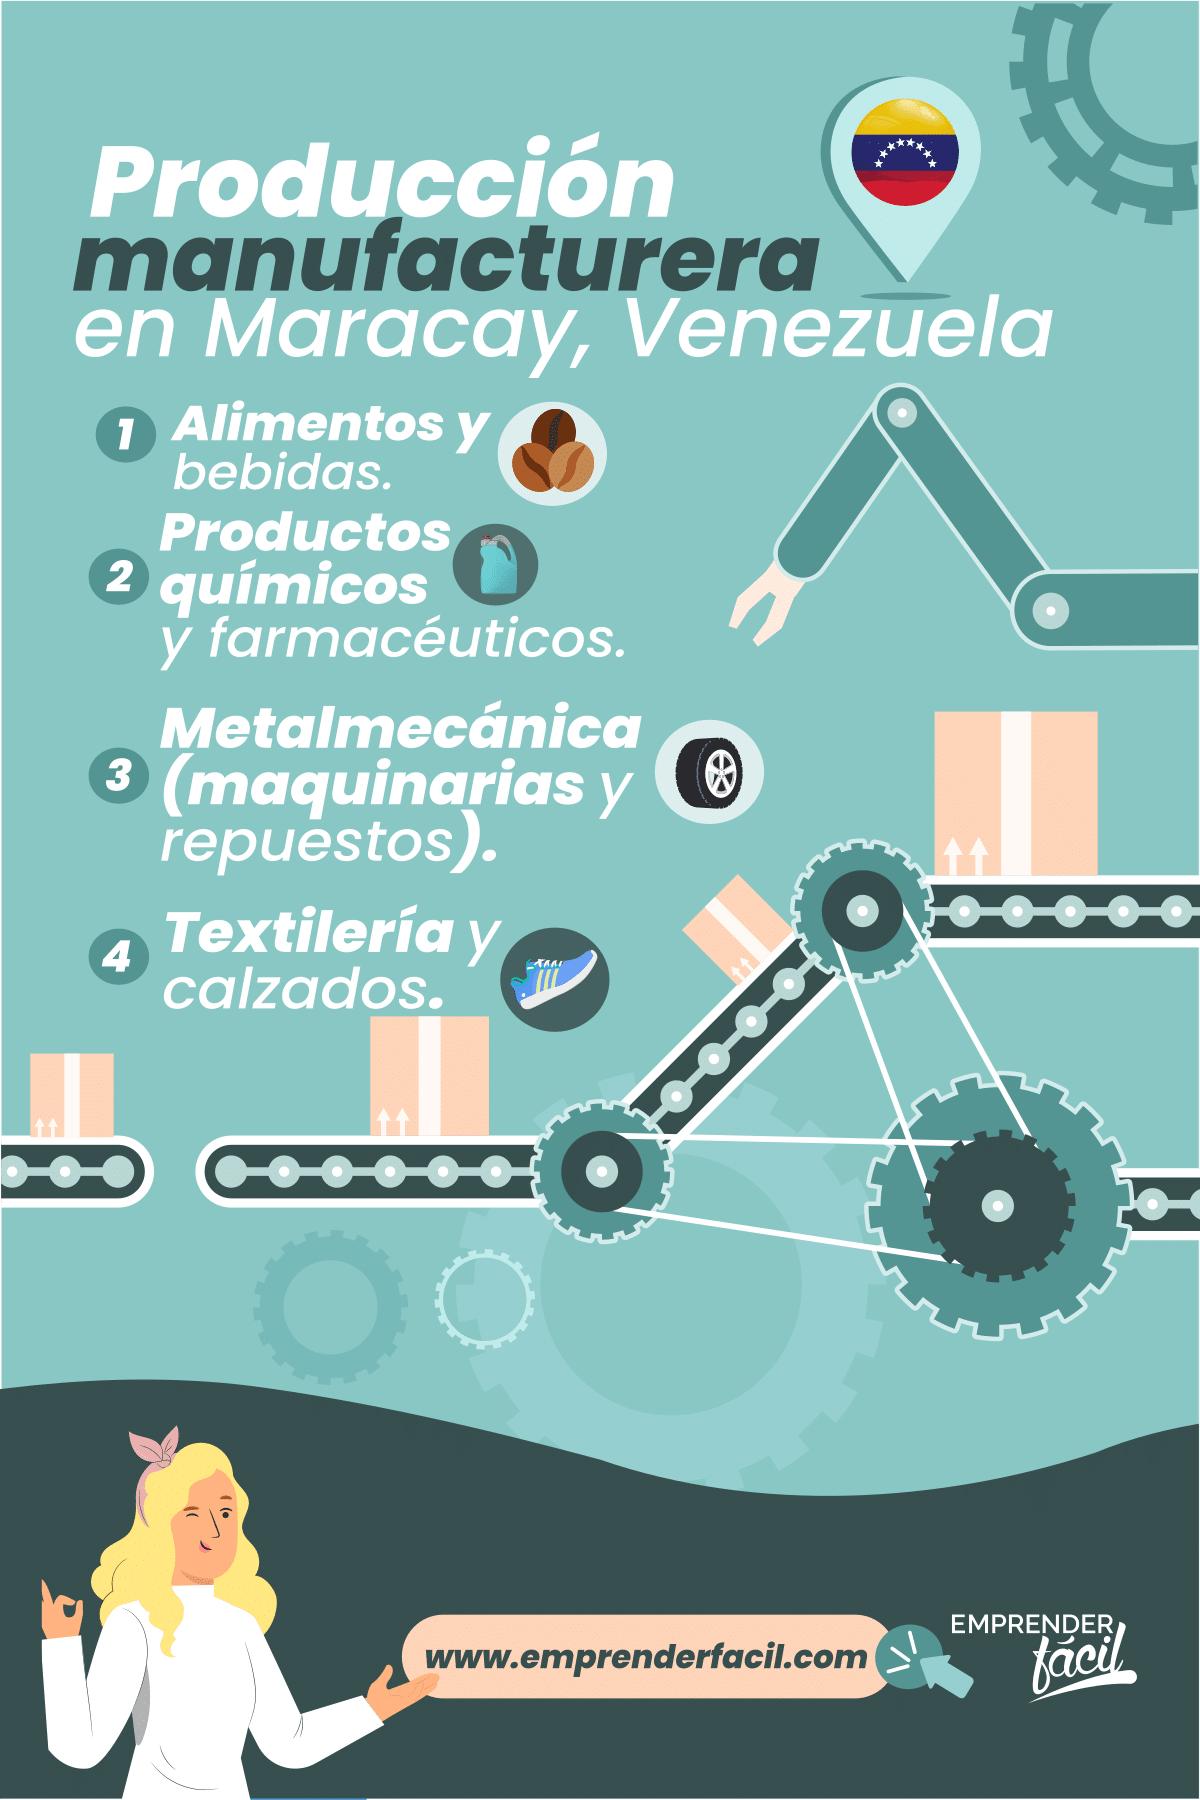 Producción manufacturera en Maracay, Venezuela